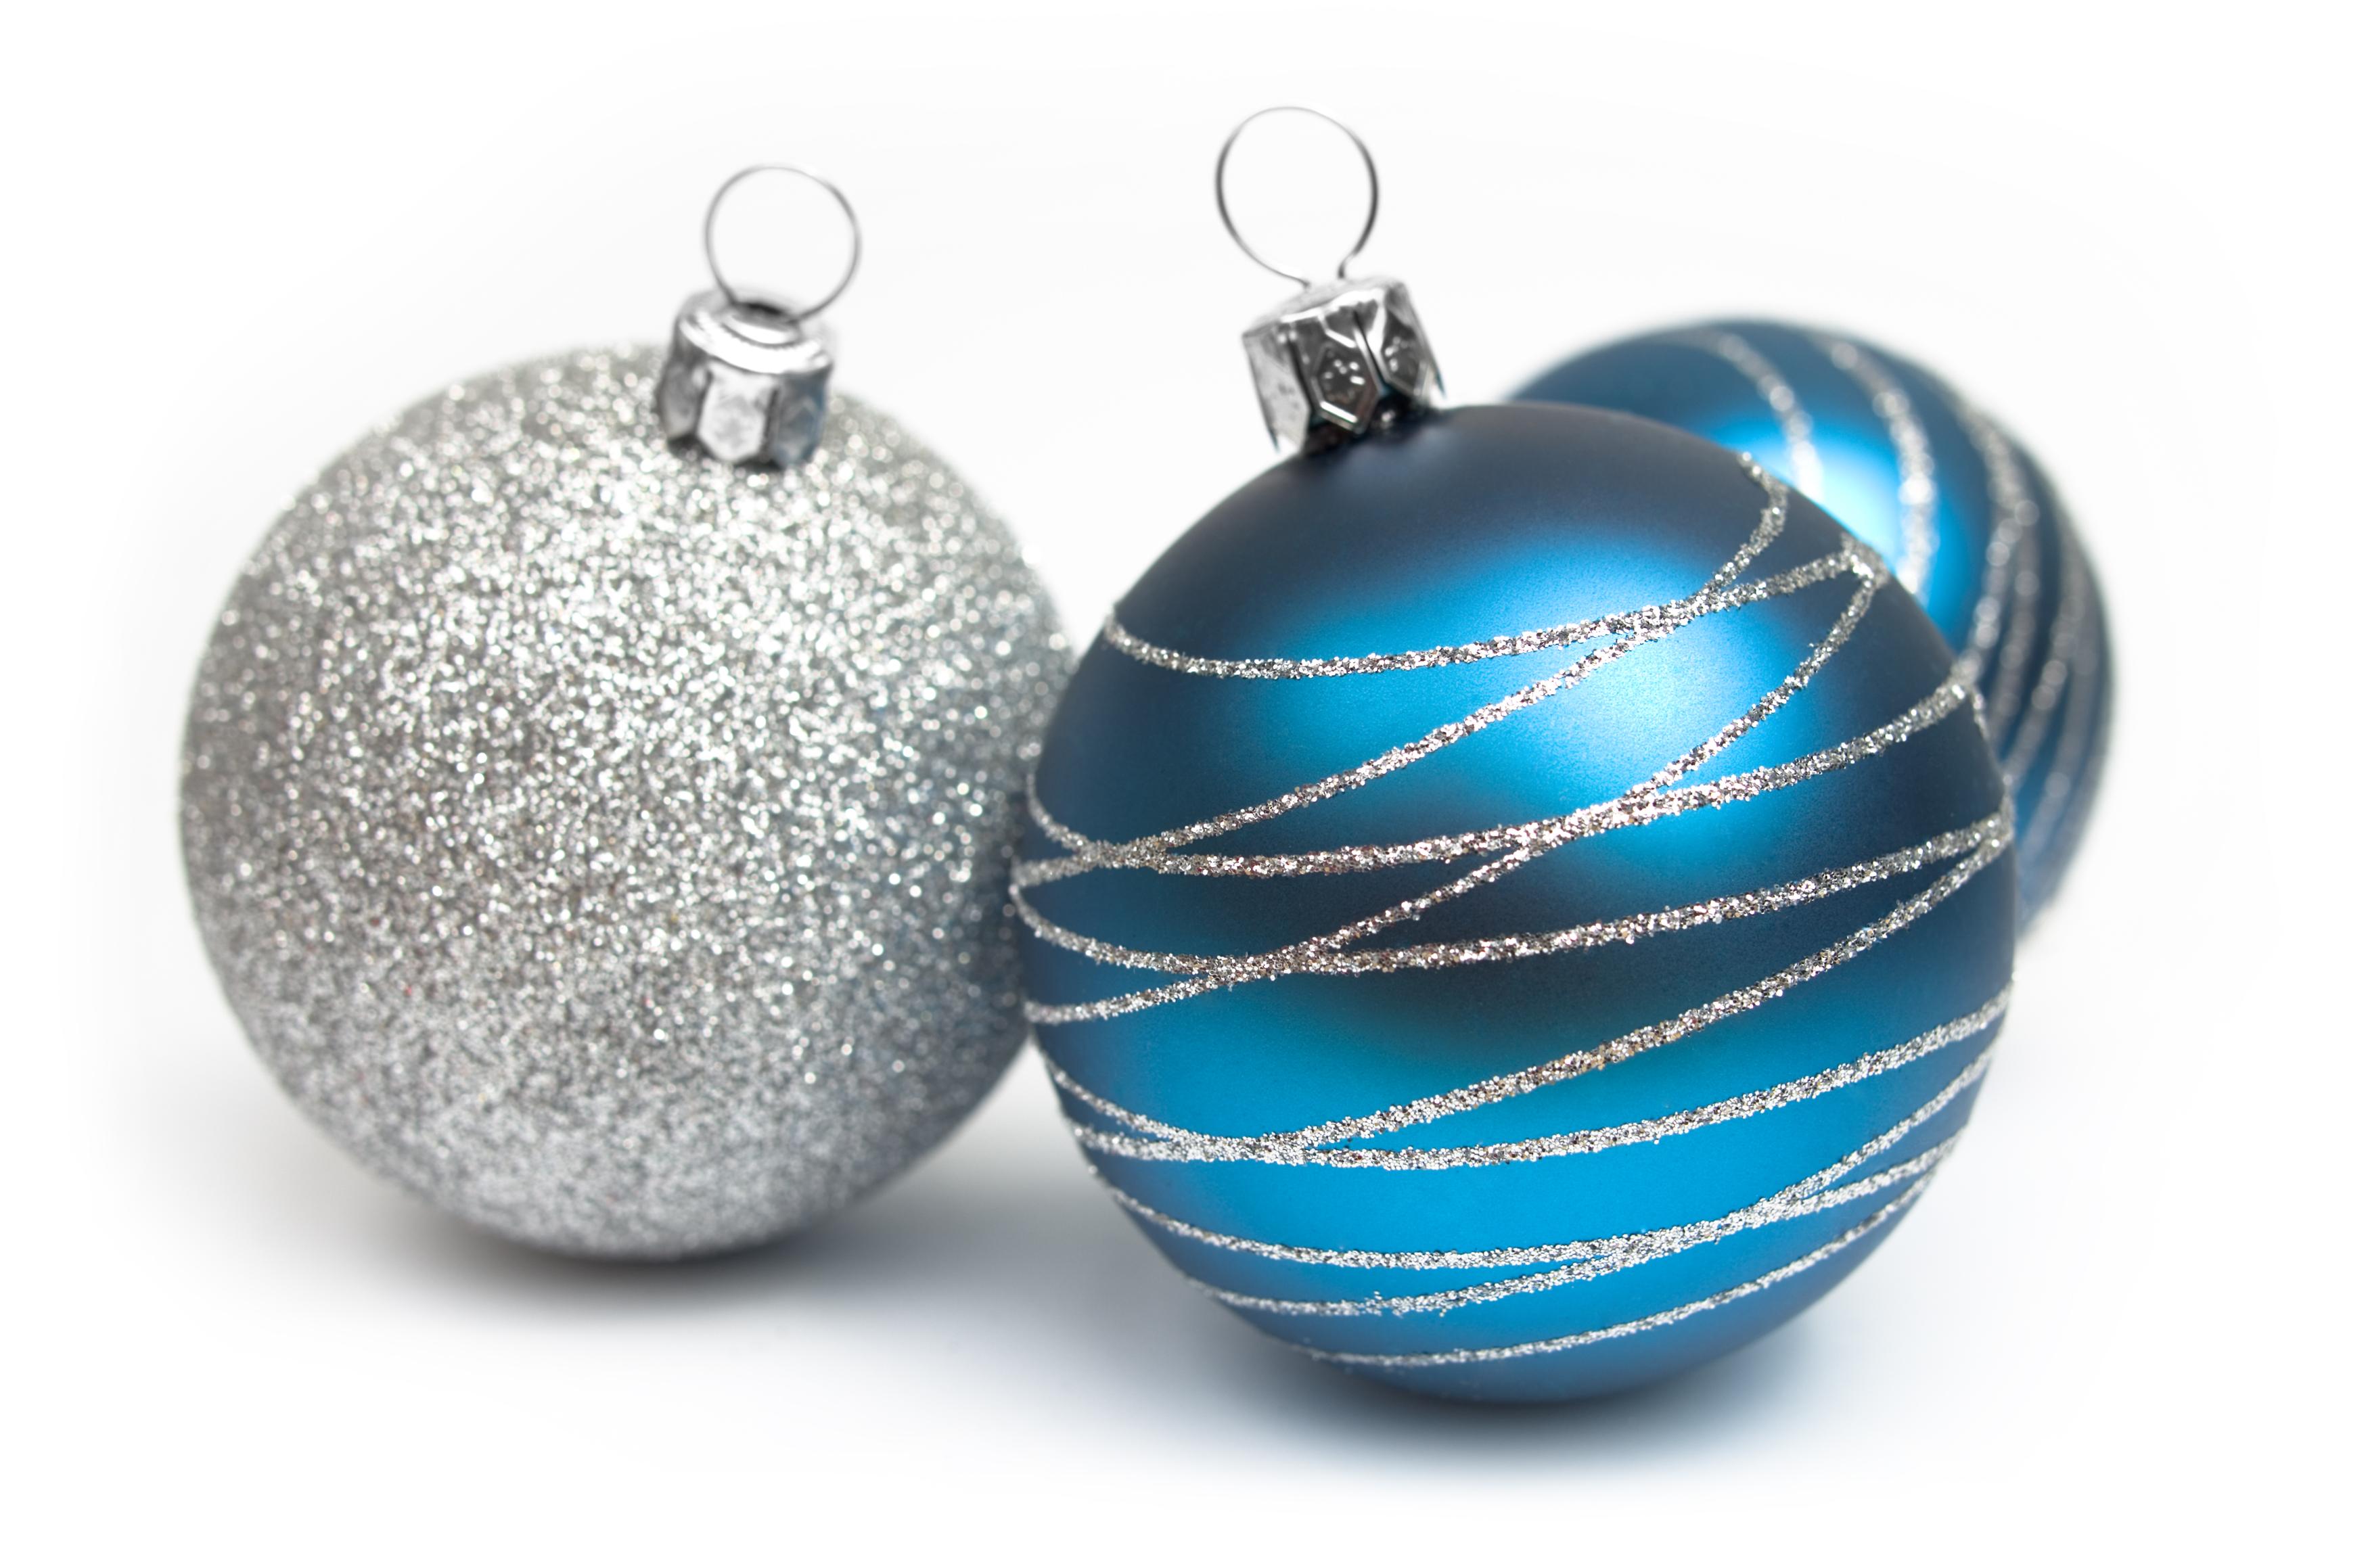 Ideas tecnol gicas para regalar en navidad 2014 2015 for Imagenes de bolas de navidad